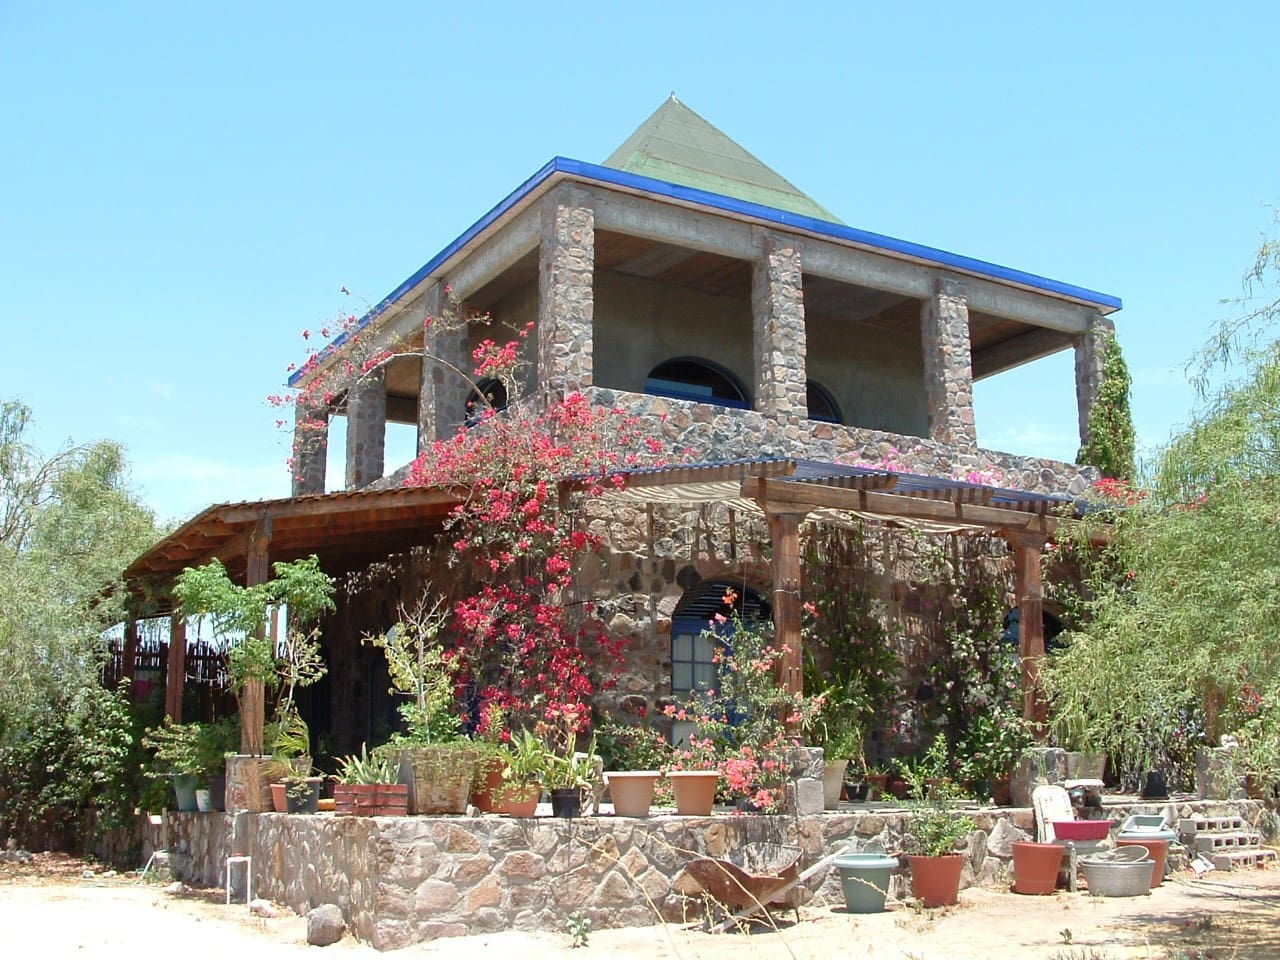 CASA DE PIEDRA - Central Baja